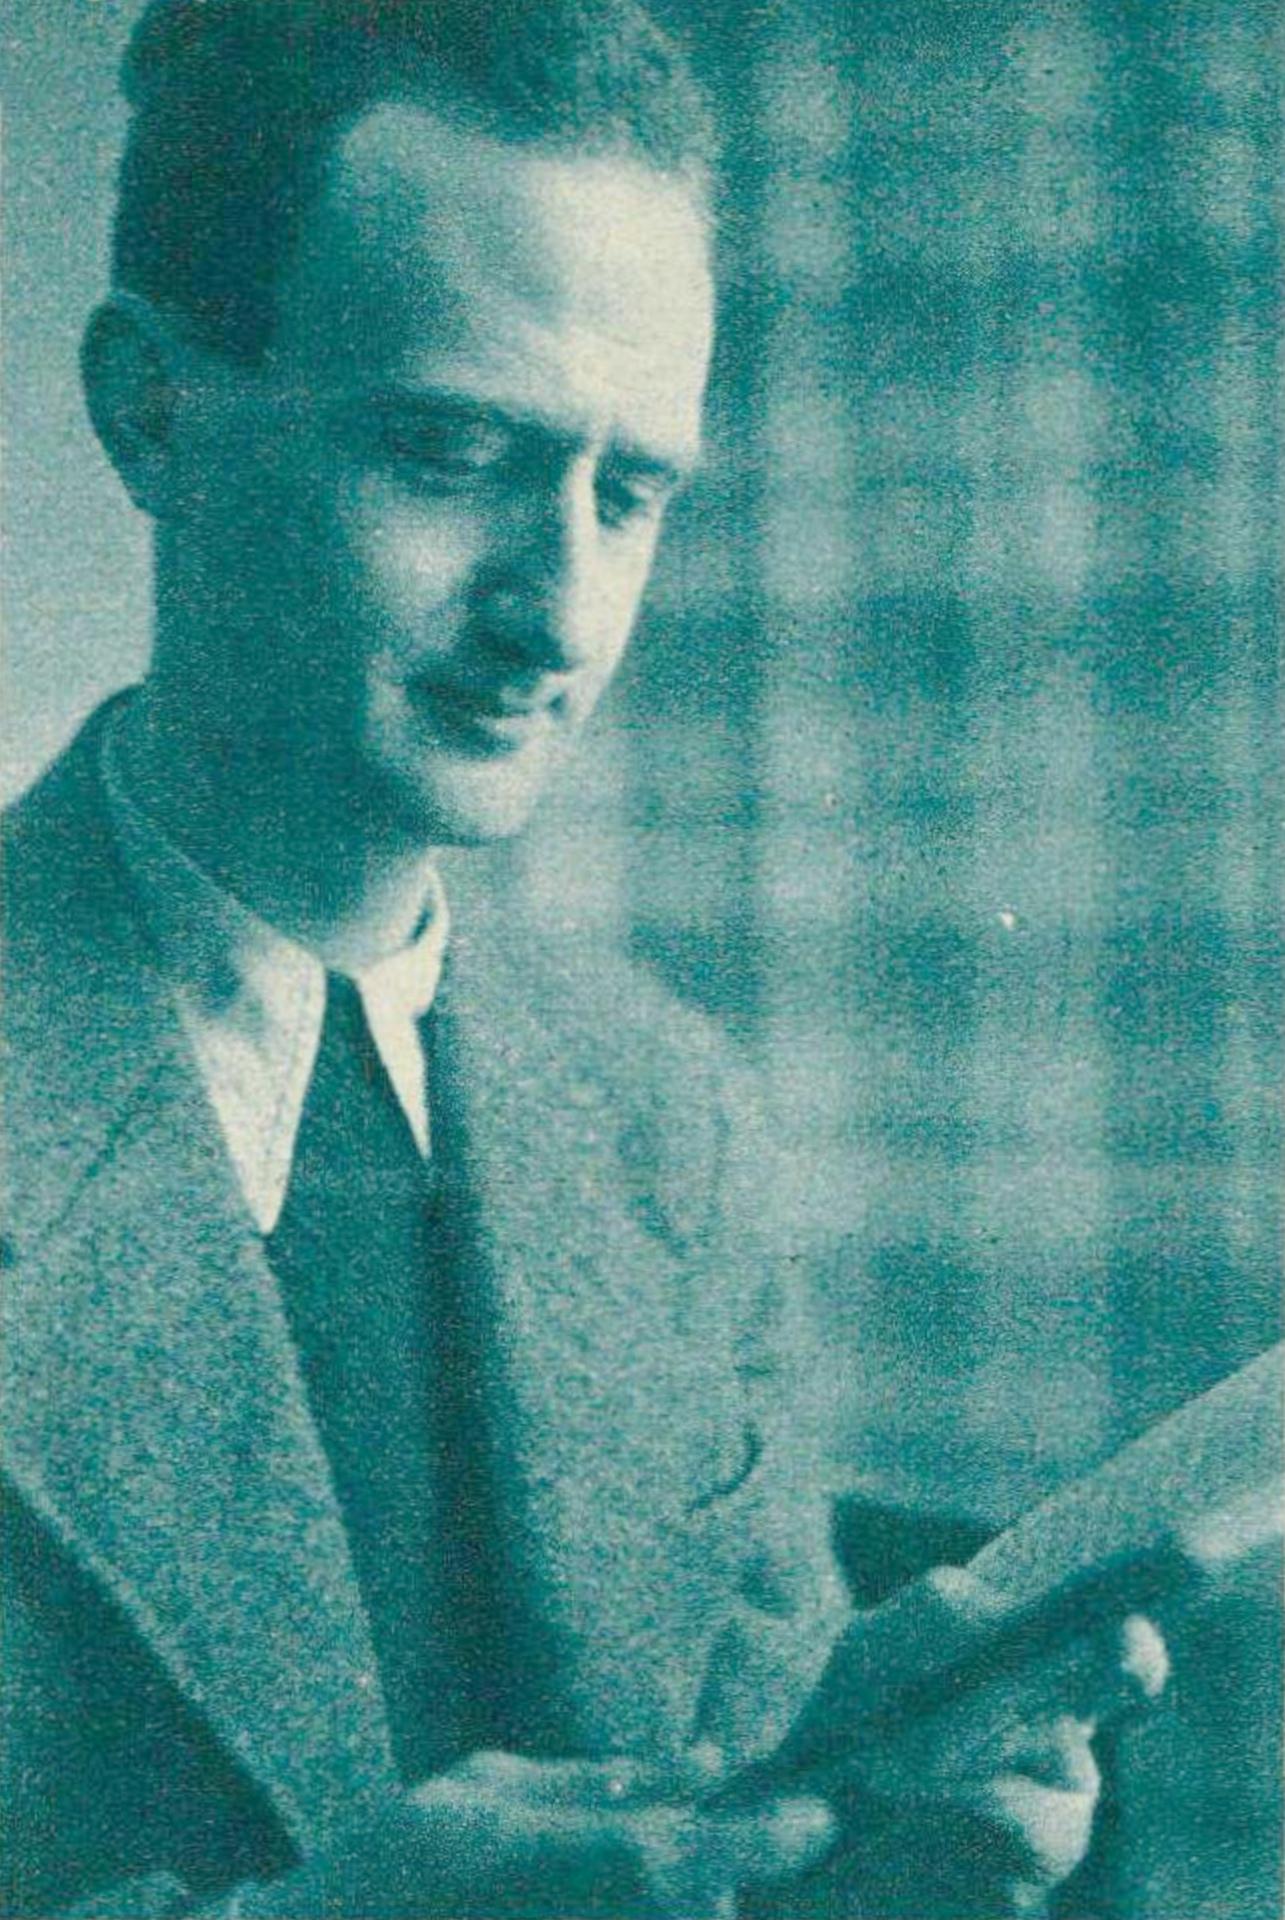 Pierre Colombo, revue Radio Actualités du 2 février 1945, No 5, page 14. Cliquer pour une vue agrandie